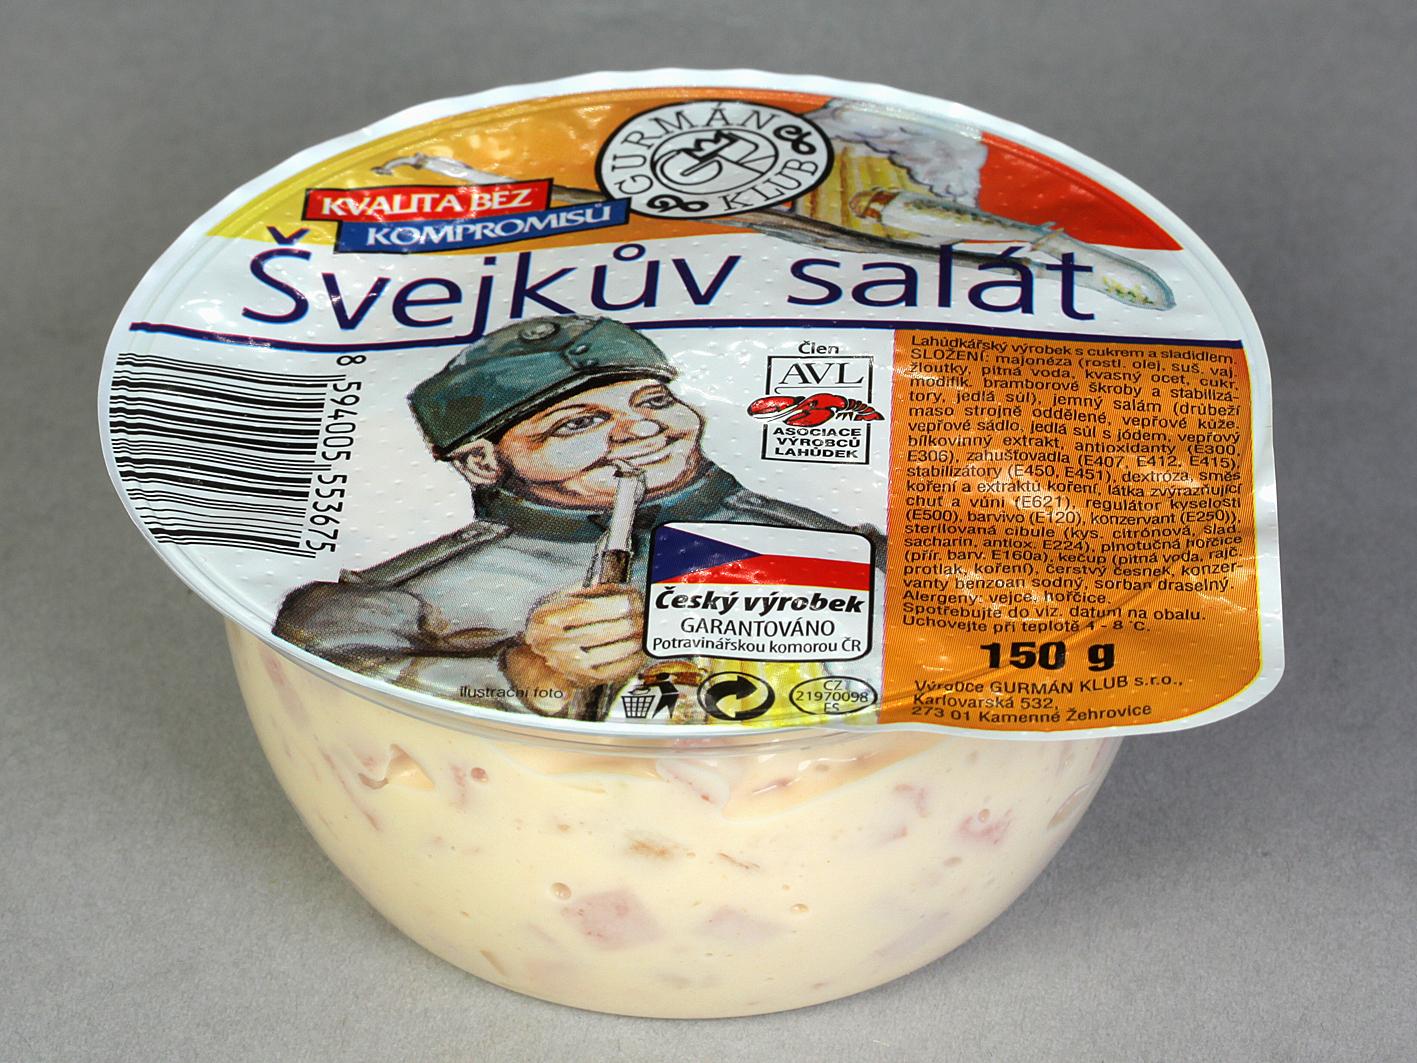 Značka Švejkův salát 150g